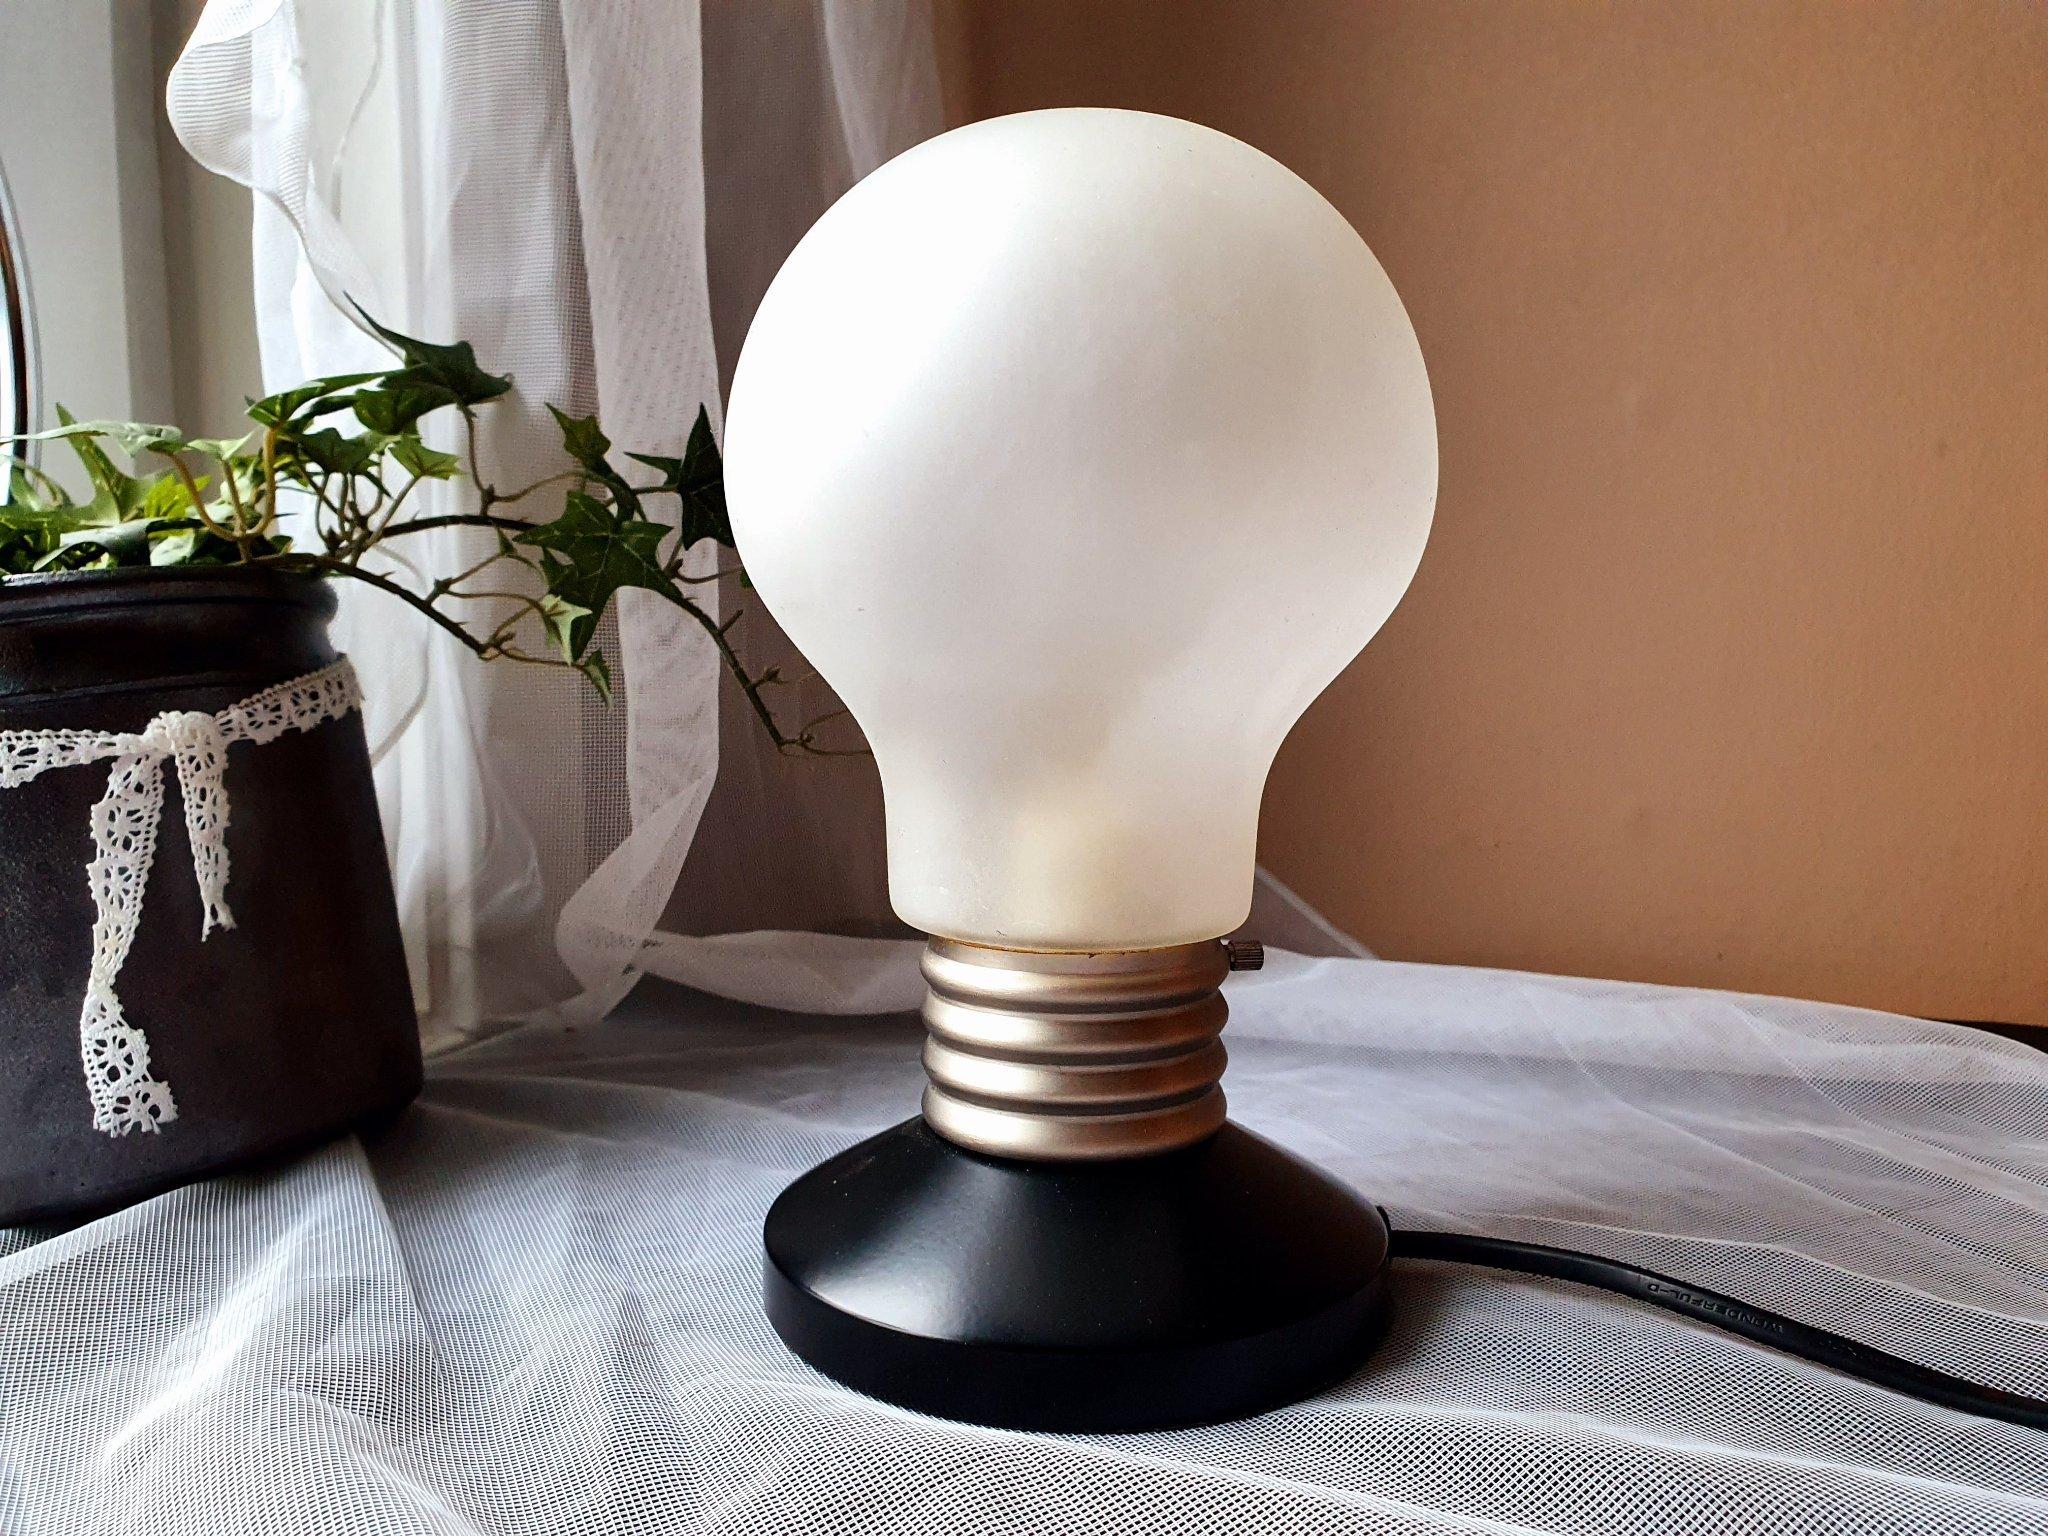 Fräsig retro lampa IKEA B9818 bordslampa i form av GLÖDLAMPA